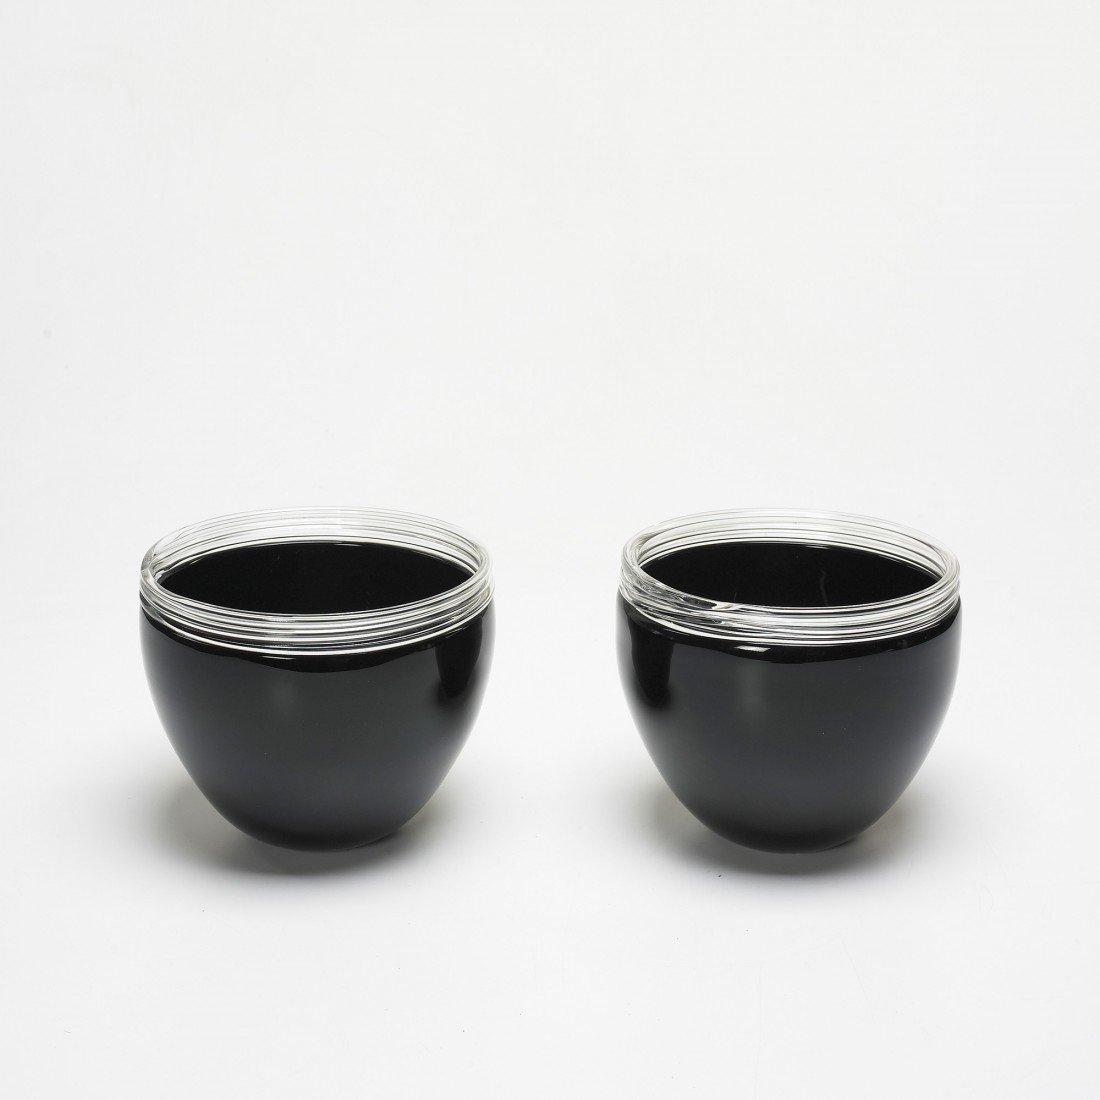 137: Alfredo Barbini bowls, pair